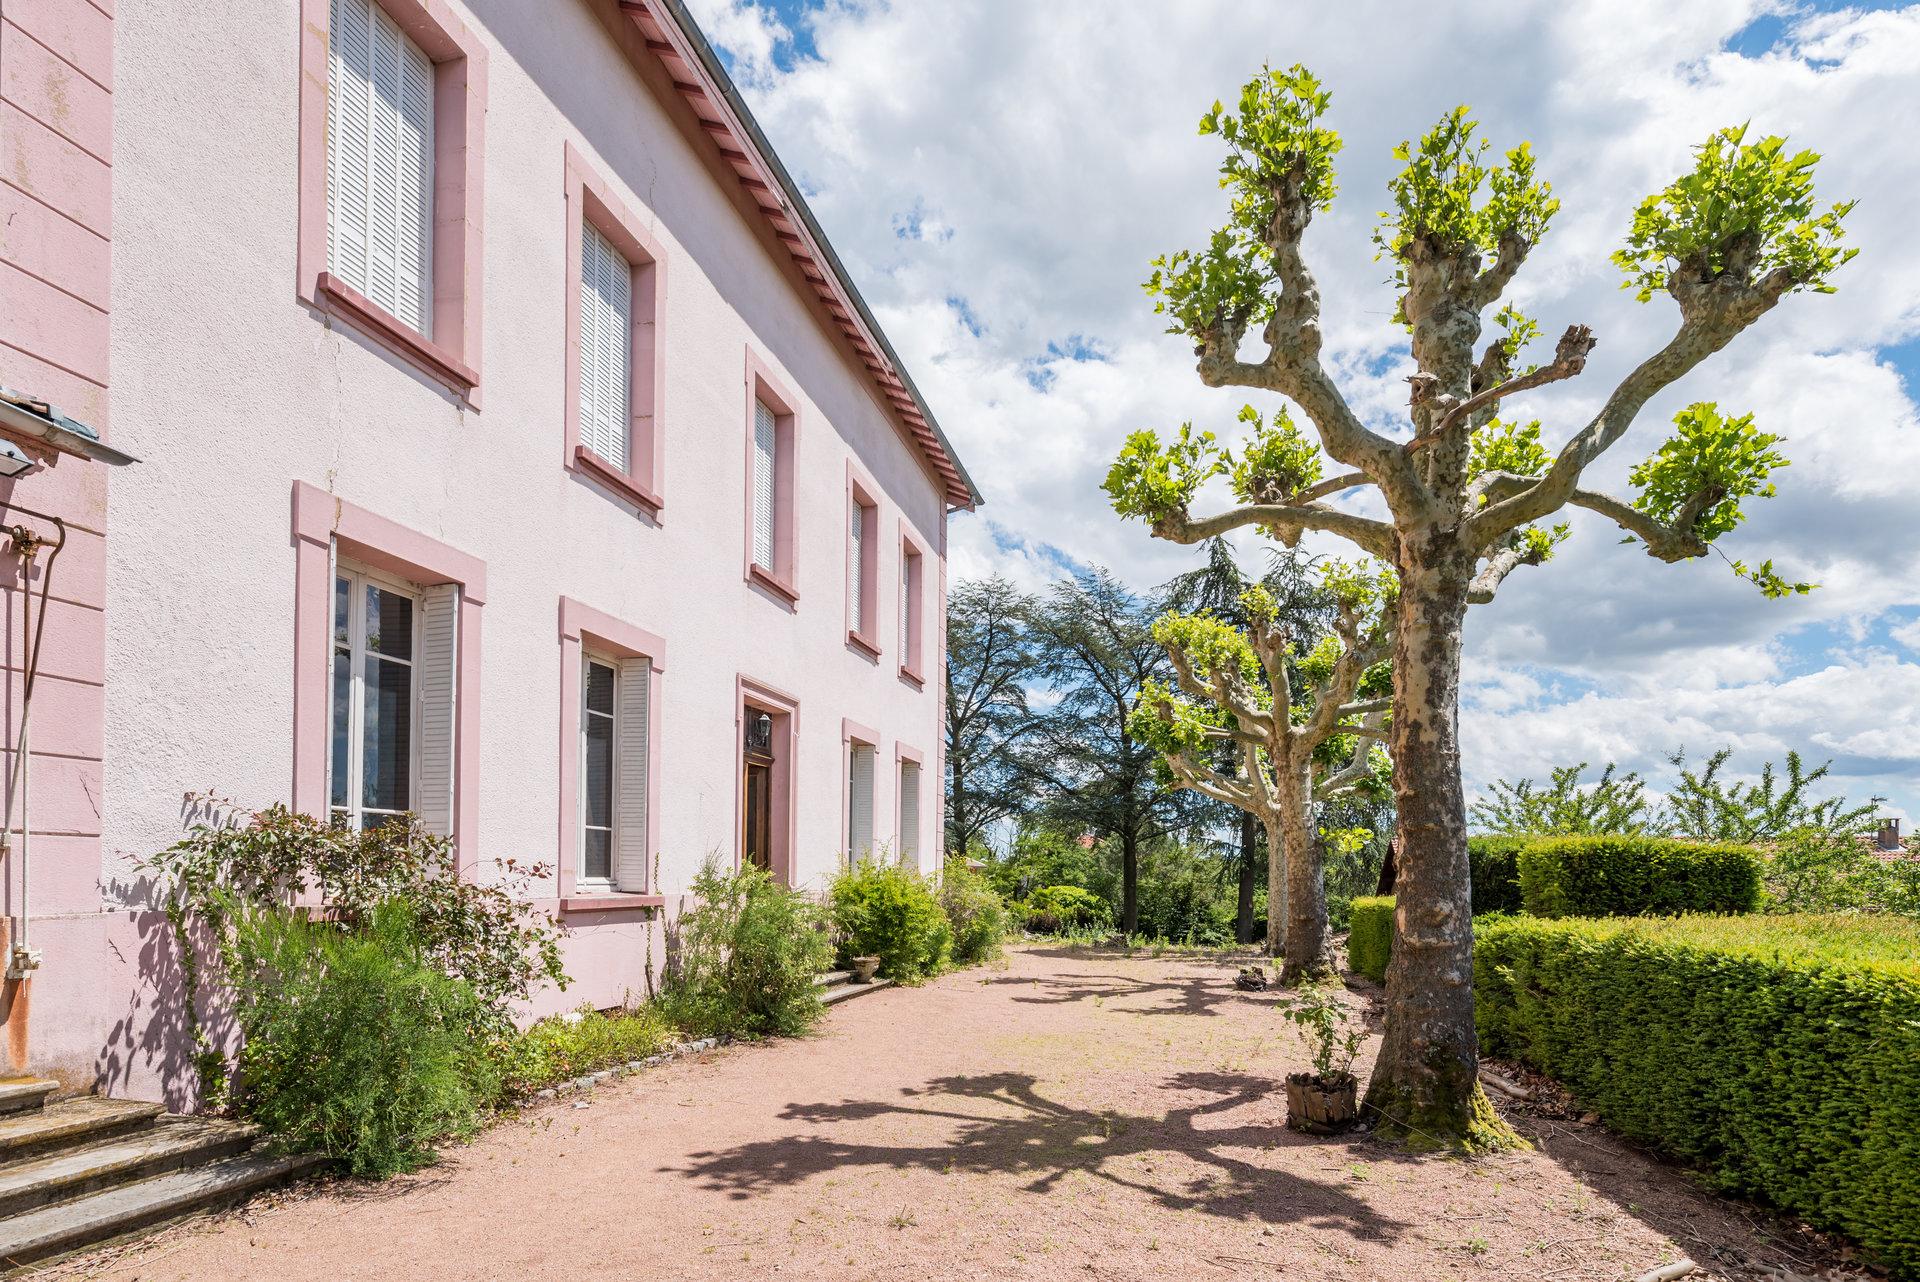 Tour de Salvagy T3/T4 rénovés dans maison bourgeoise - Résidence principale ou Déficit foncier